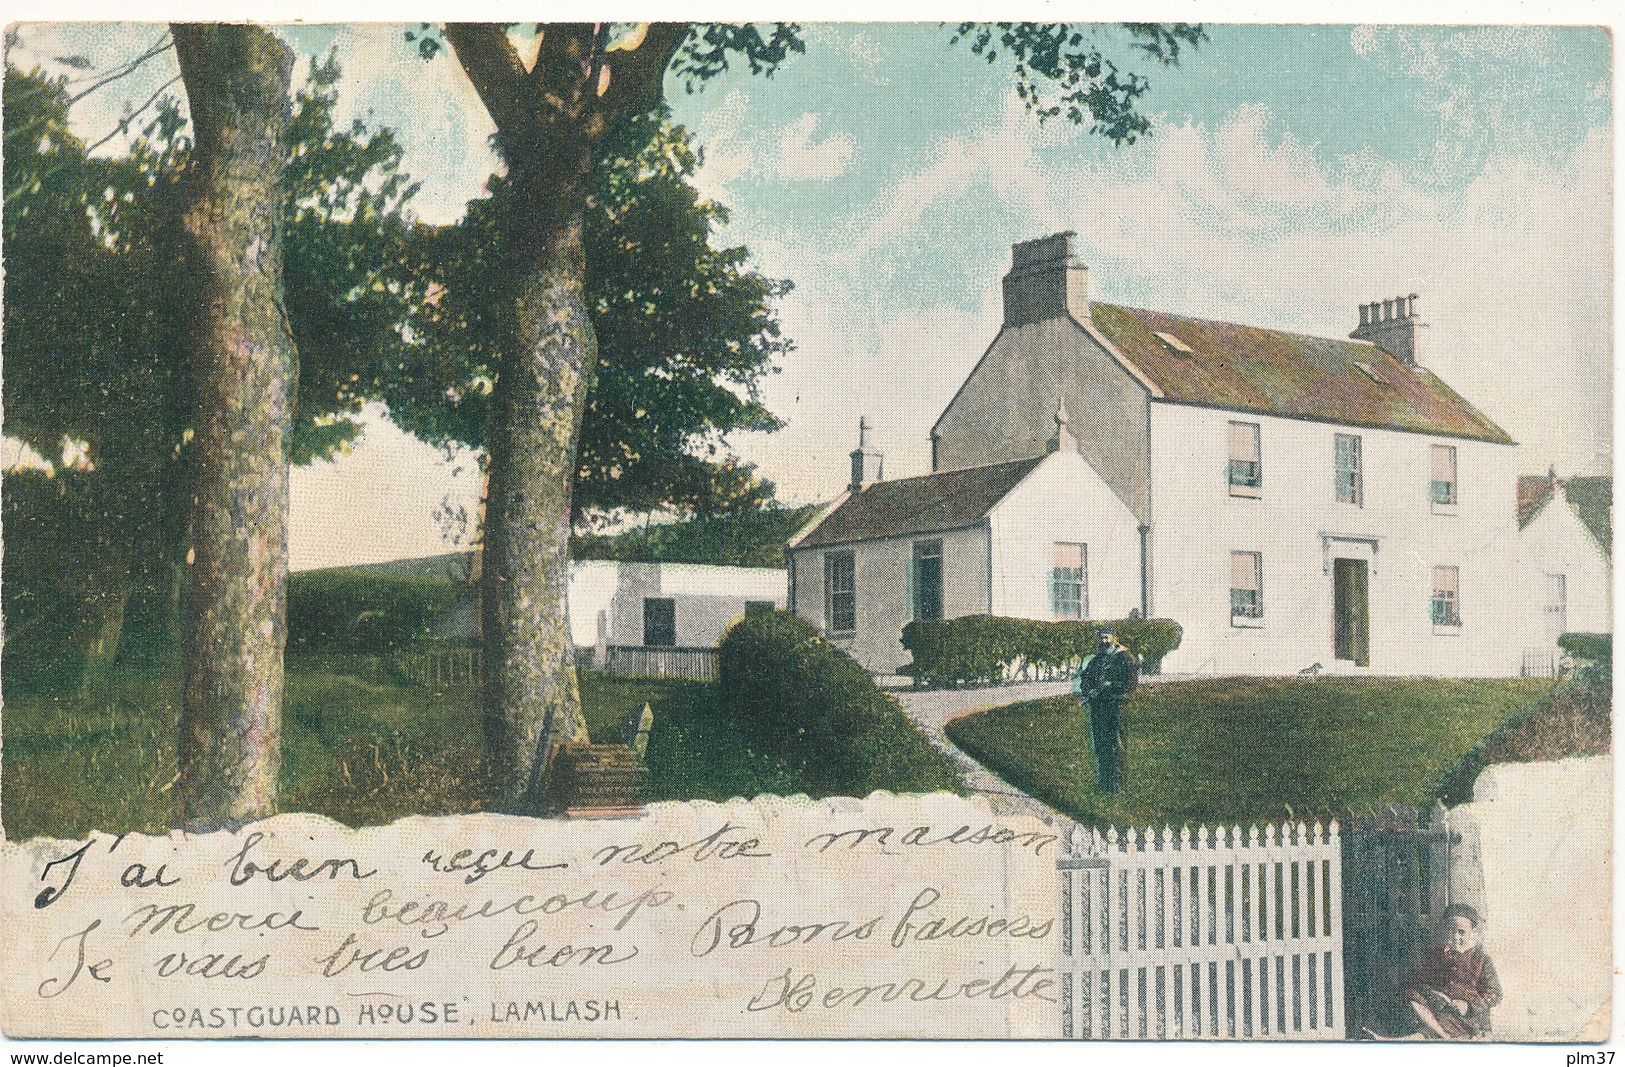 LAMLASH - Coastguard House - Ayrshire